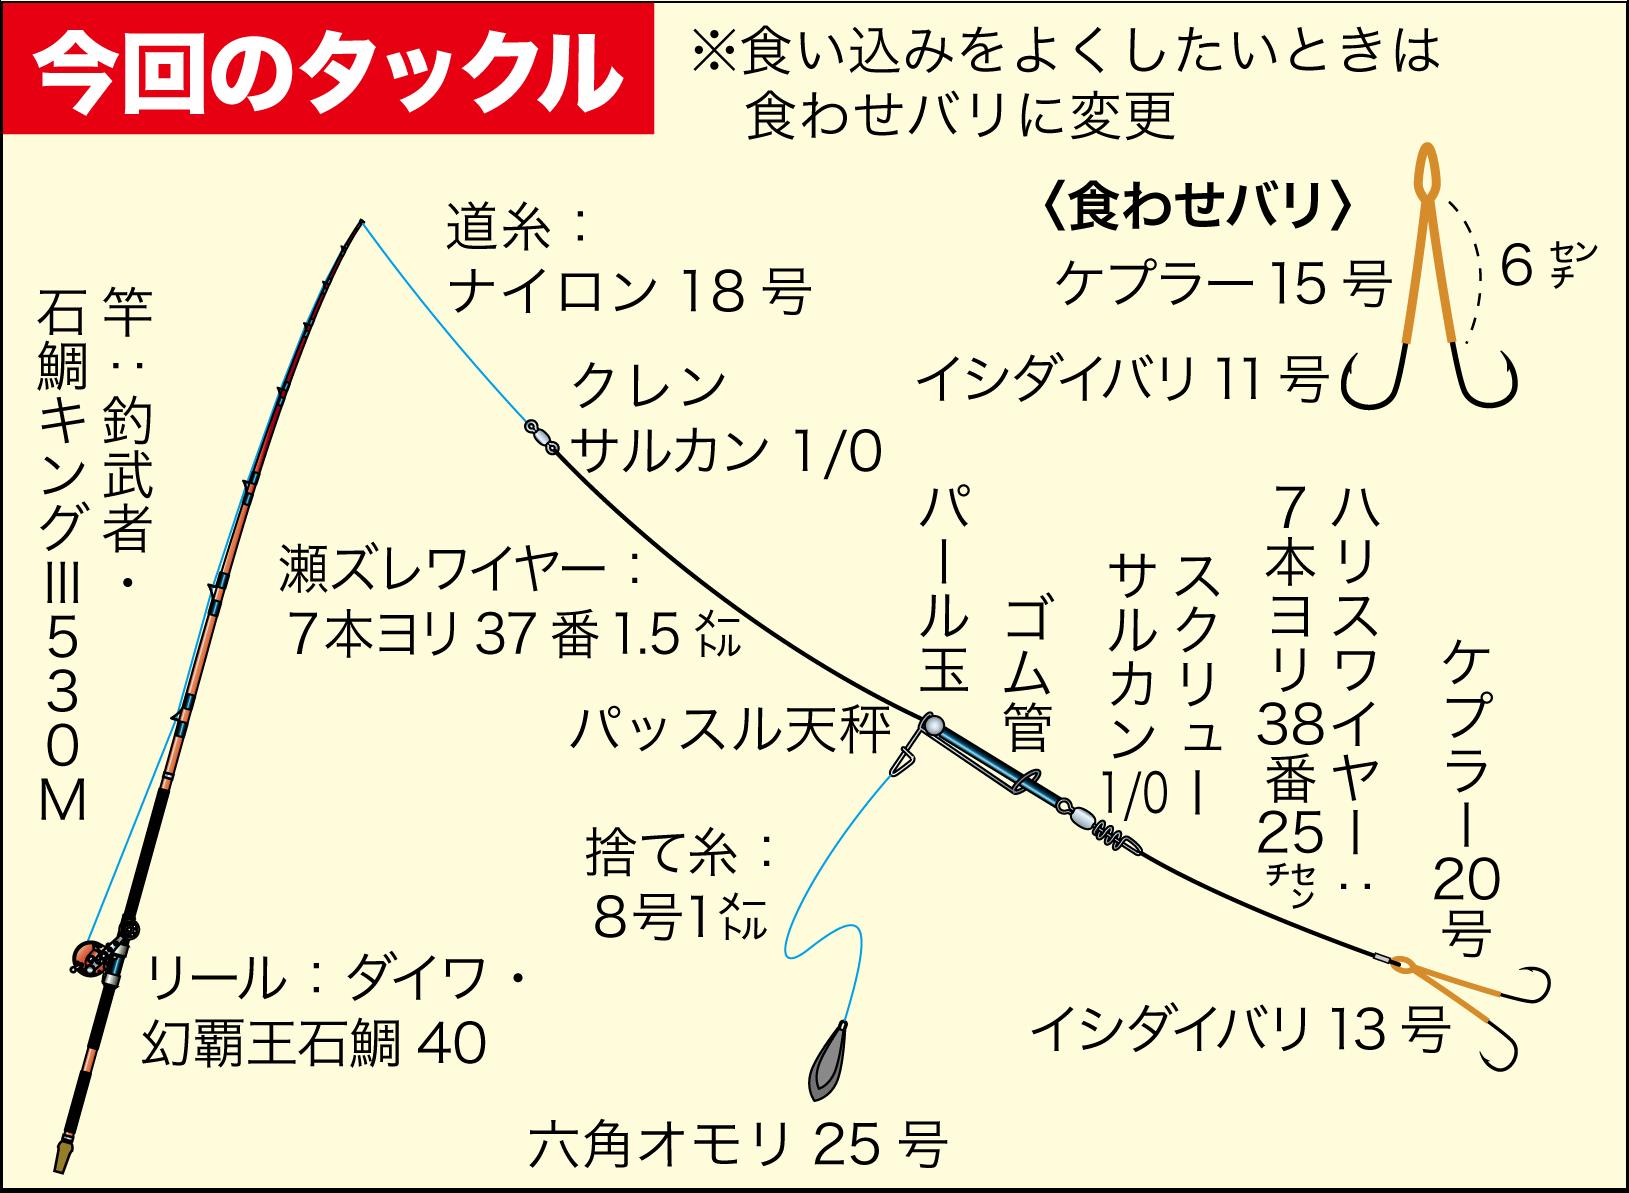 イシダイストーリー8木村俊一14